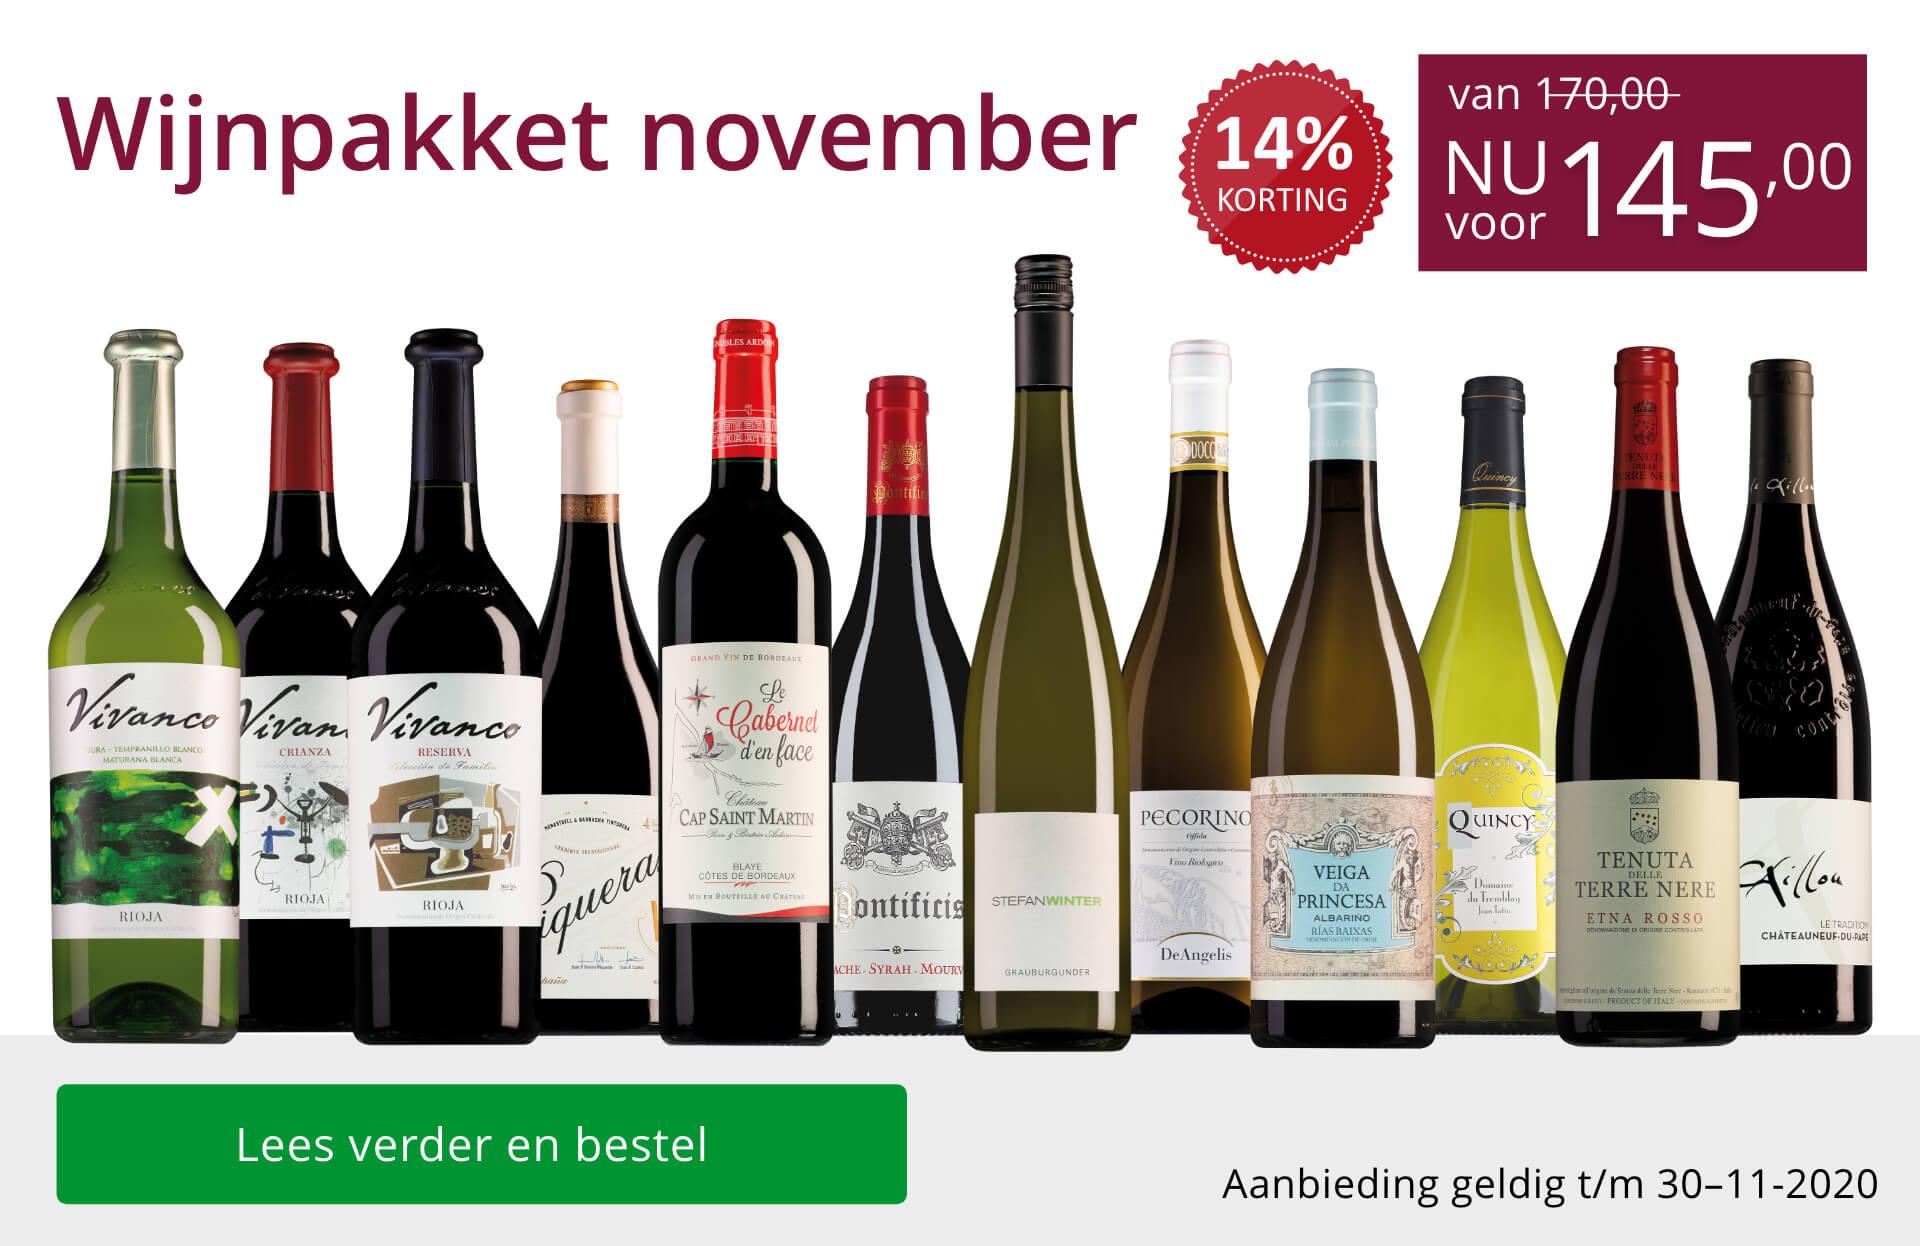 Wijnpakket wijnbericht november 2020(145,00)-paars